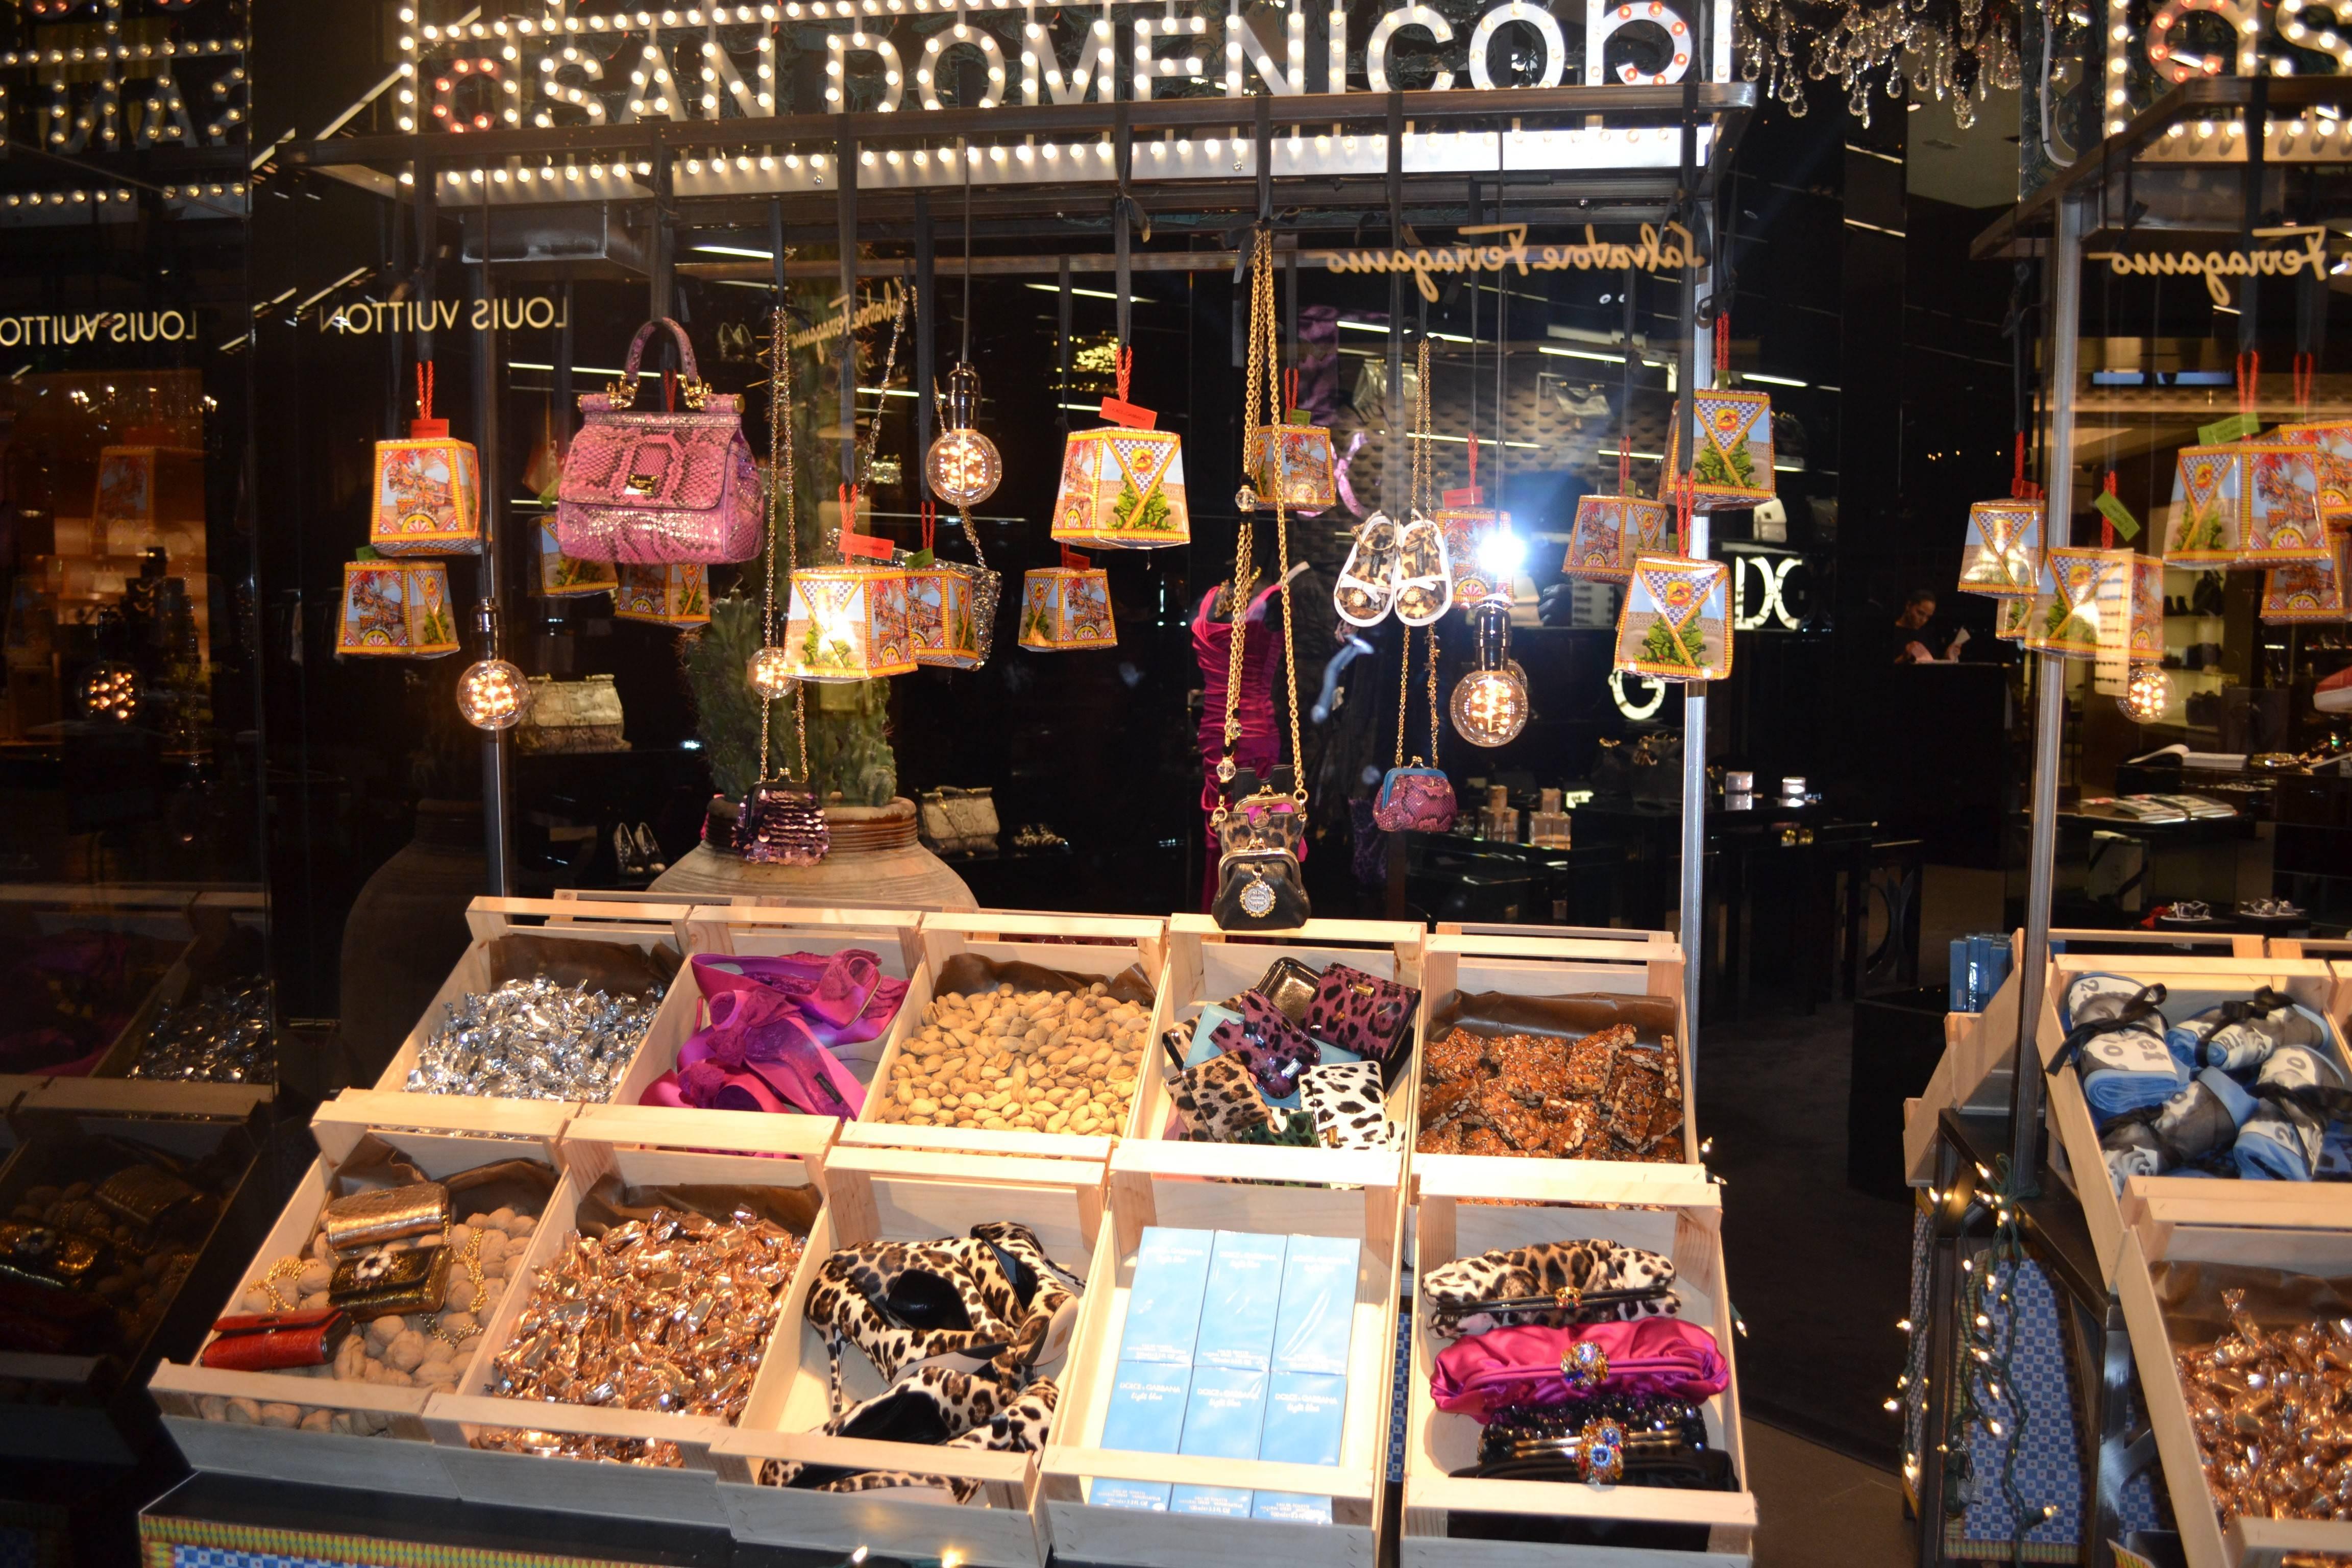 Шоппинг в лиссабоне - адреса магазинов, распродажи 2021, видео на туристер.ру